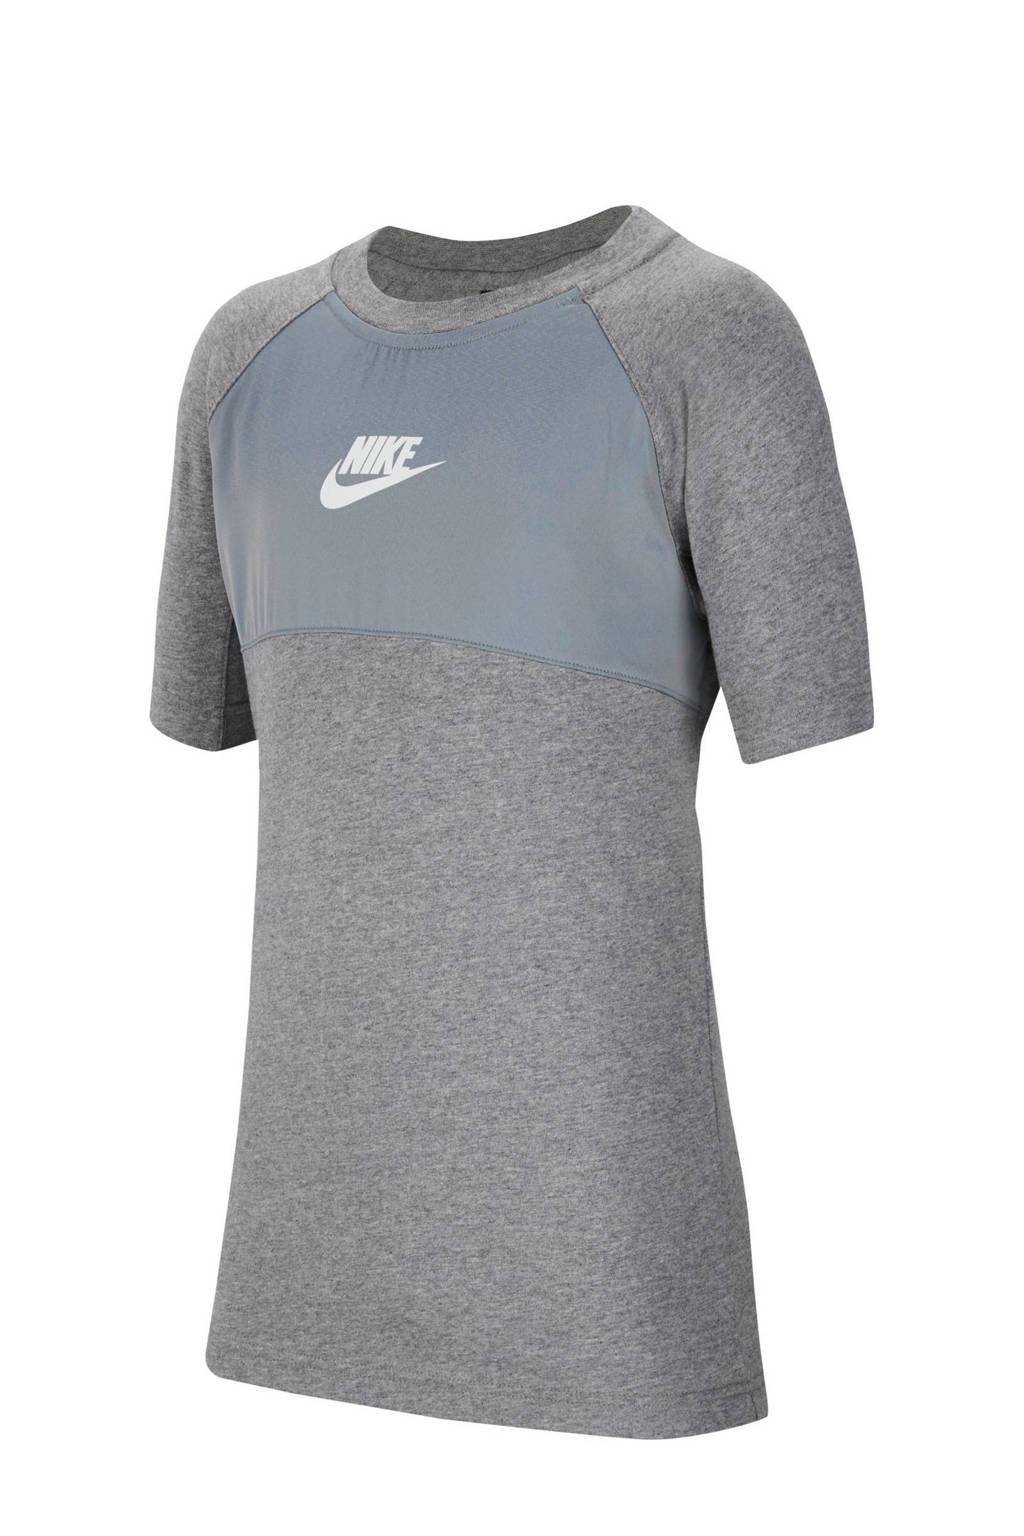 Nike   T-shirt grijs melange, Grijs melange